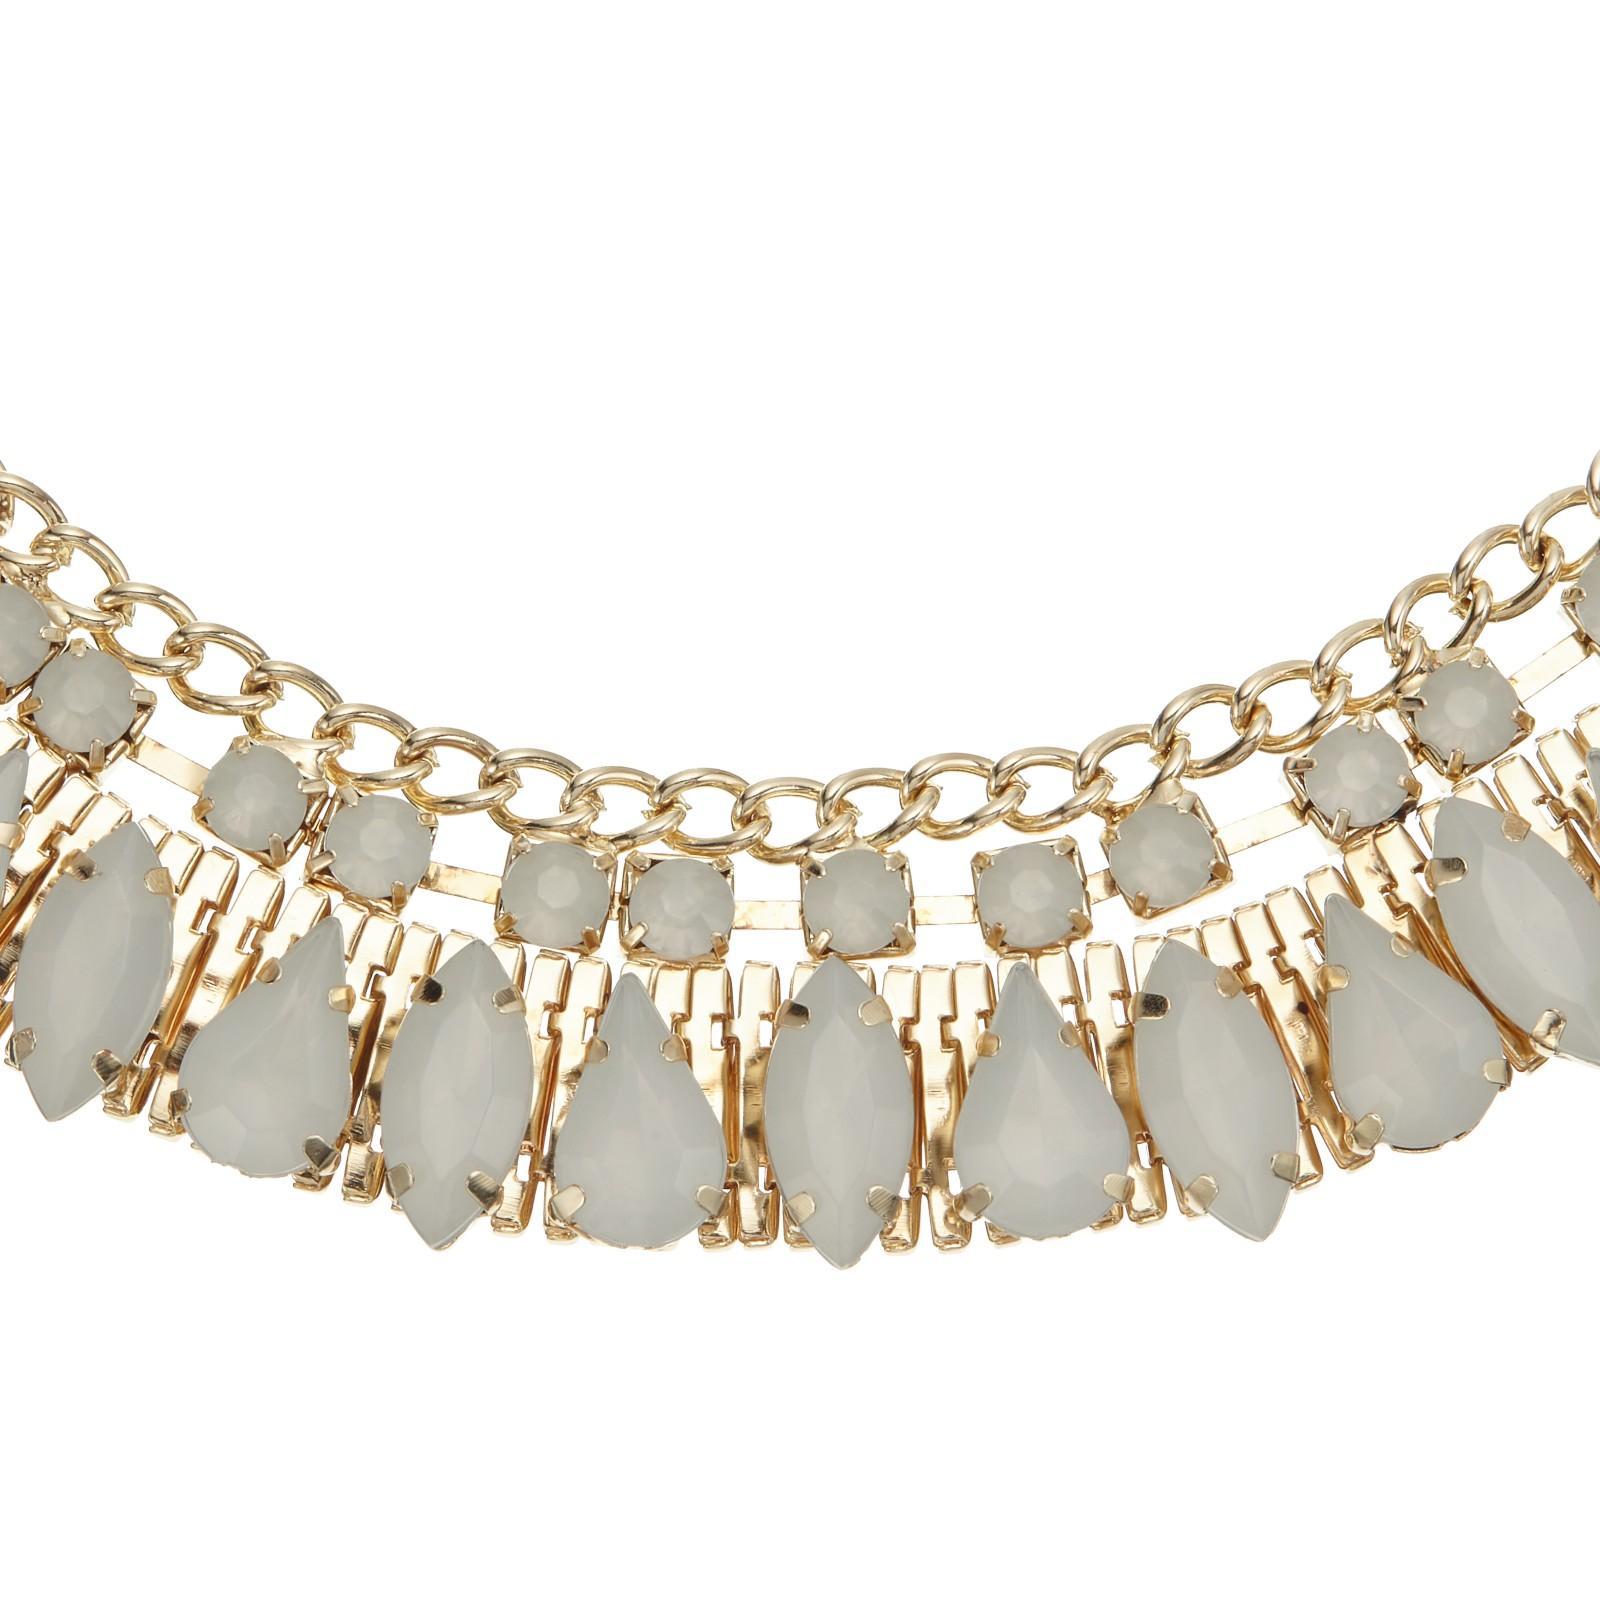 John Lewis Stone Set Collar Necklace in Gold (Metallic)